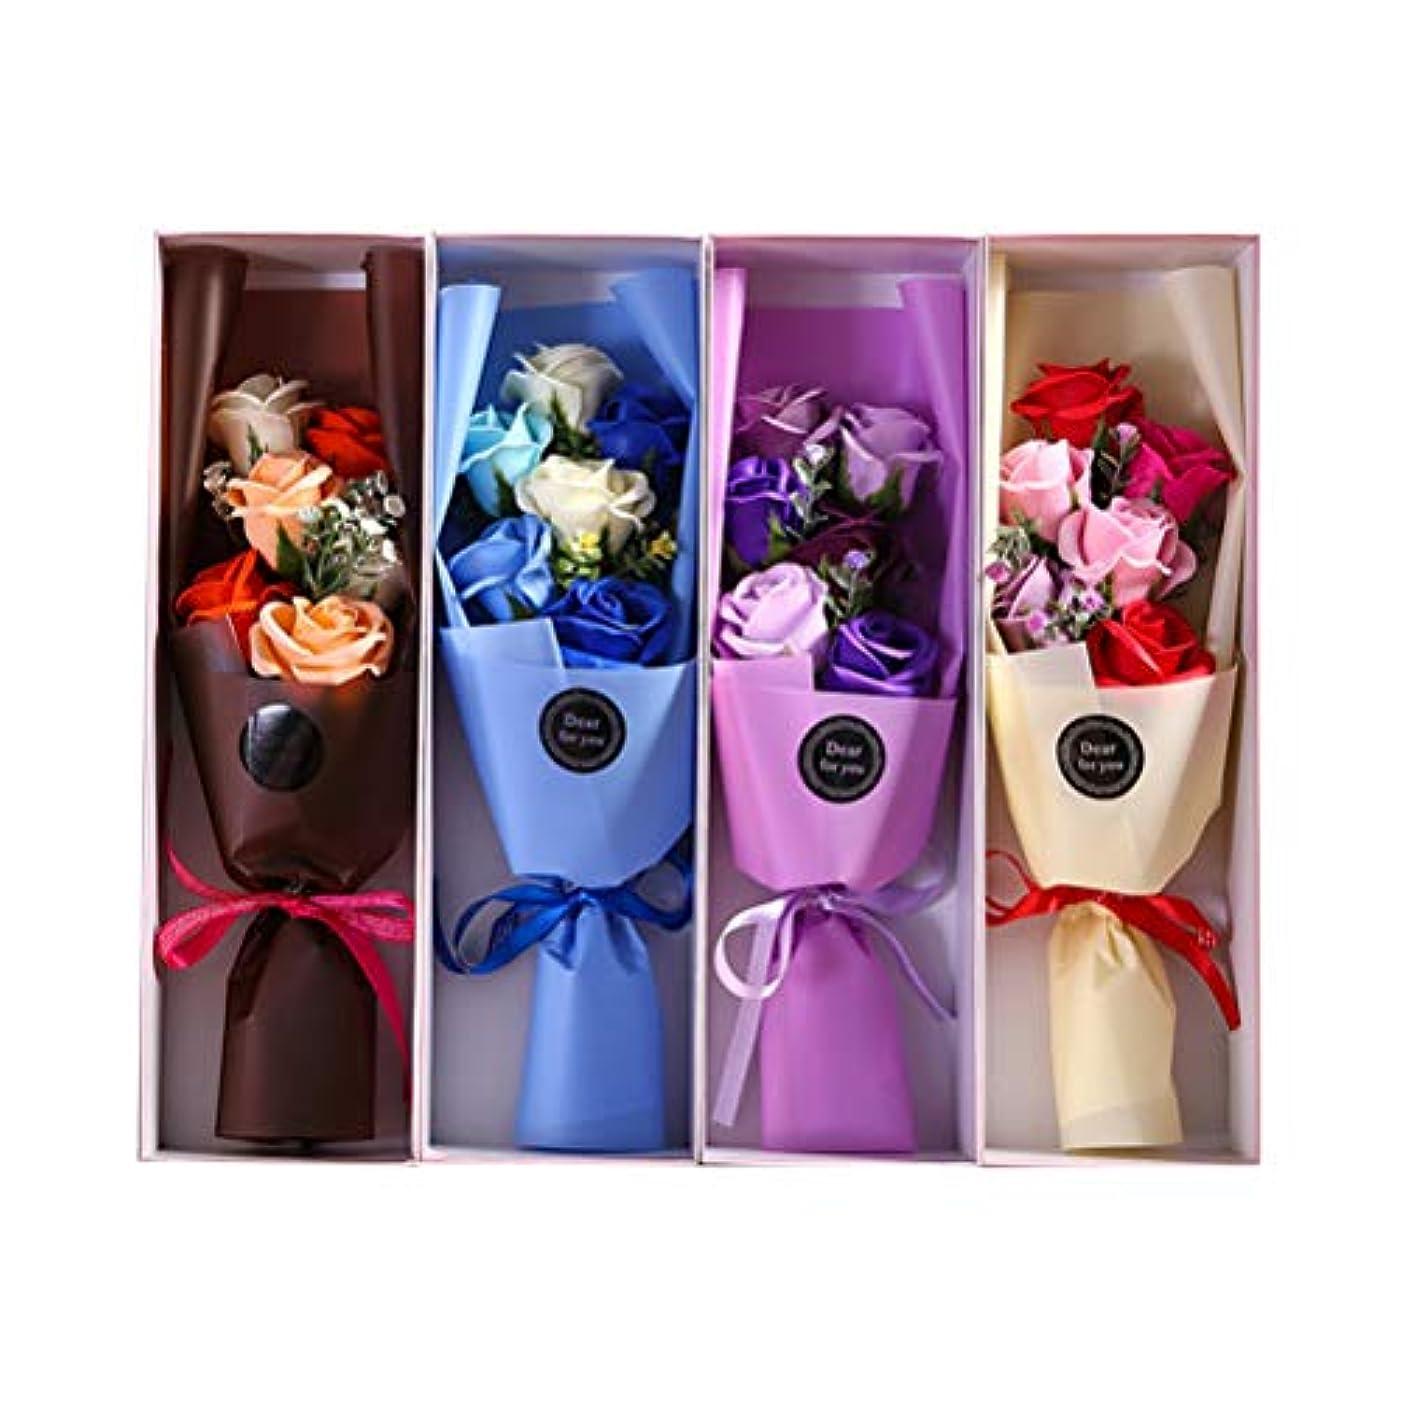 恵み送った天BESTOYARD 6PCS石鹸の花びら人工石鹸の花のバラのギフトボックスカップルバレンタインデーのプレゼント(ランダムカラー)